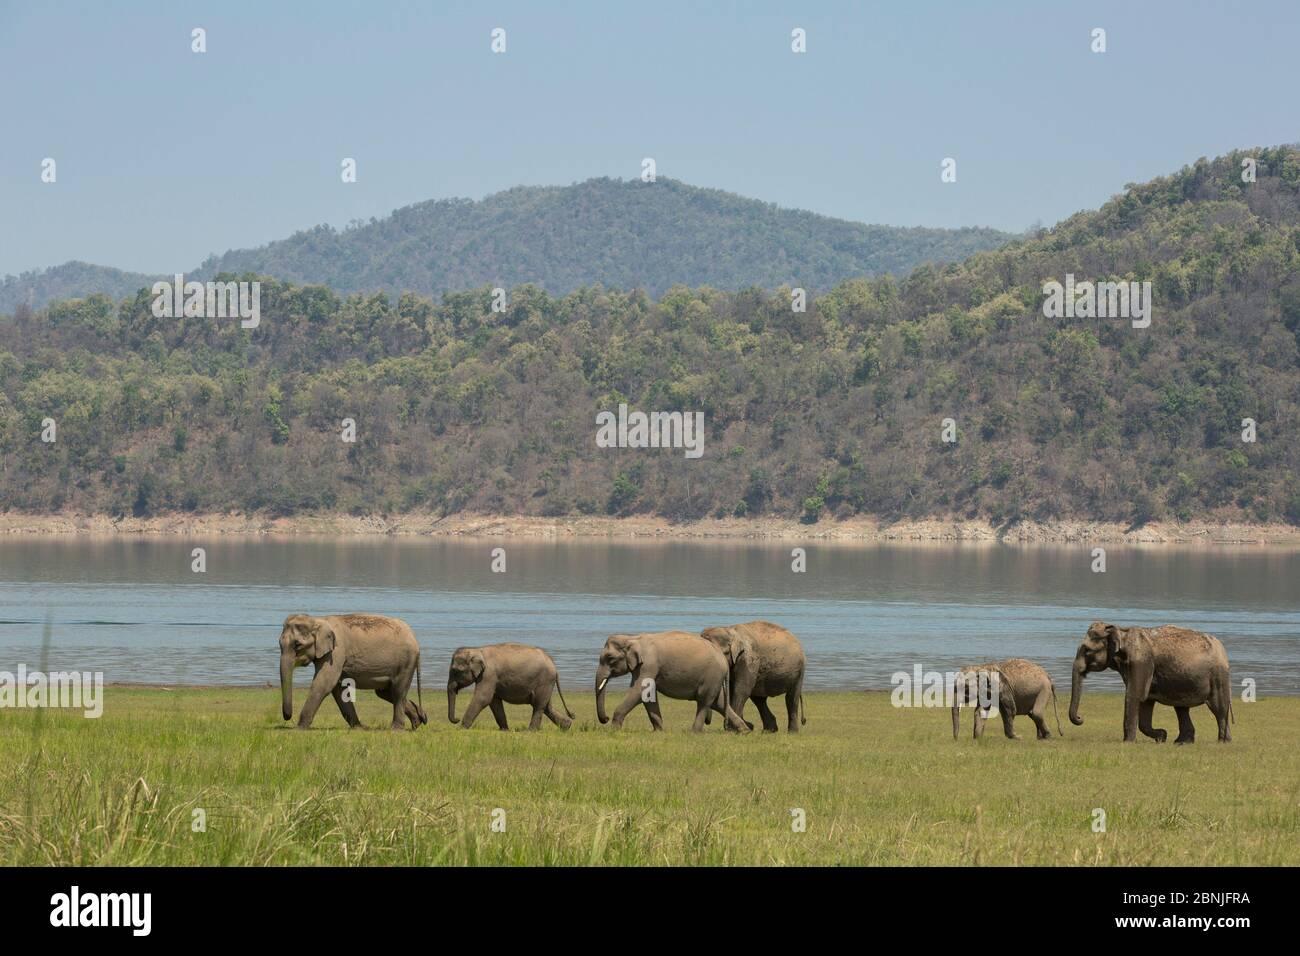 Elefante asiatico (Elefas maximus), mandria che si avvicina al lago per bere acqua. Jim Corbett National Park, India. Foto Stock